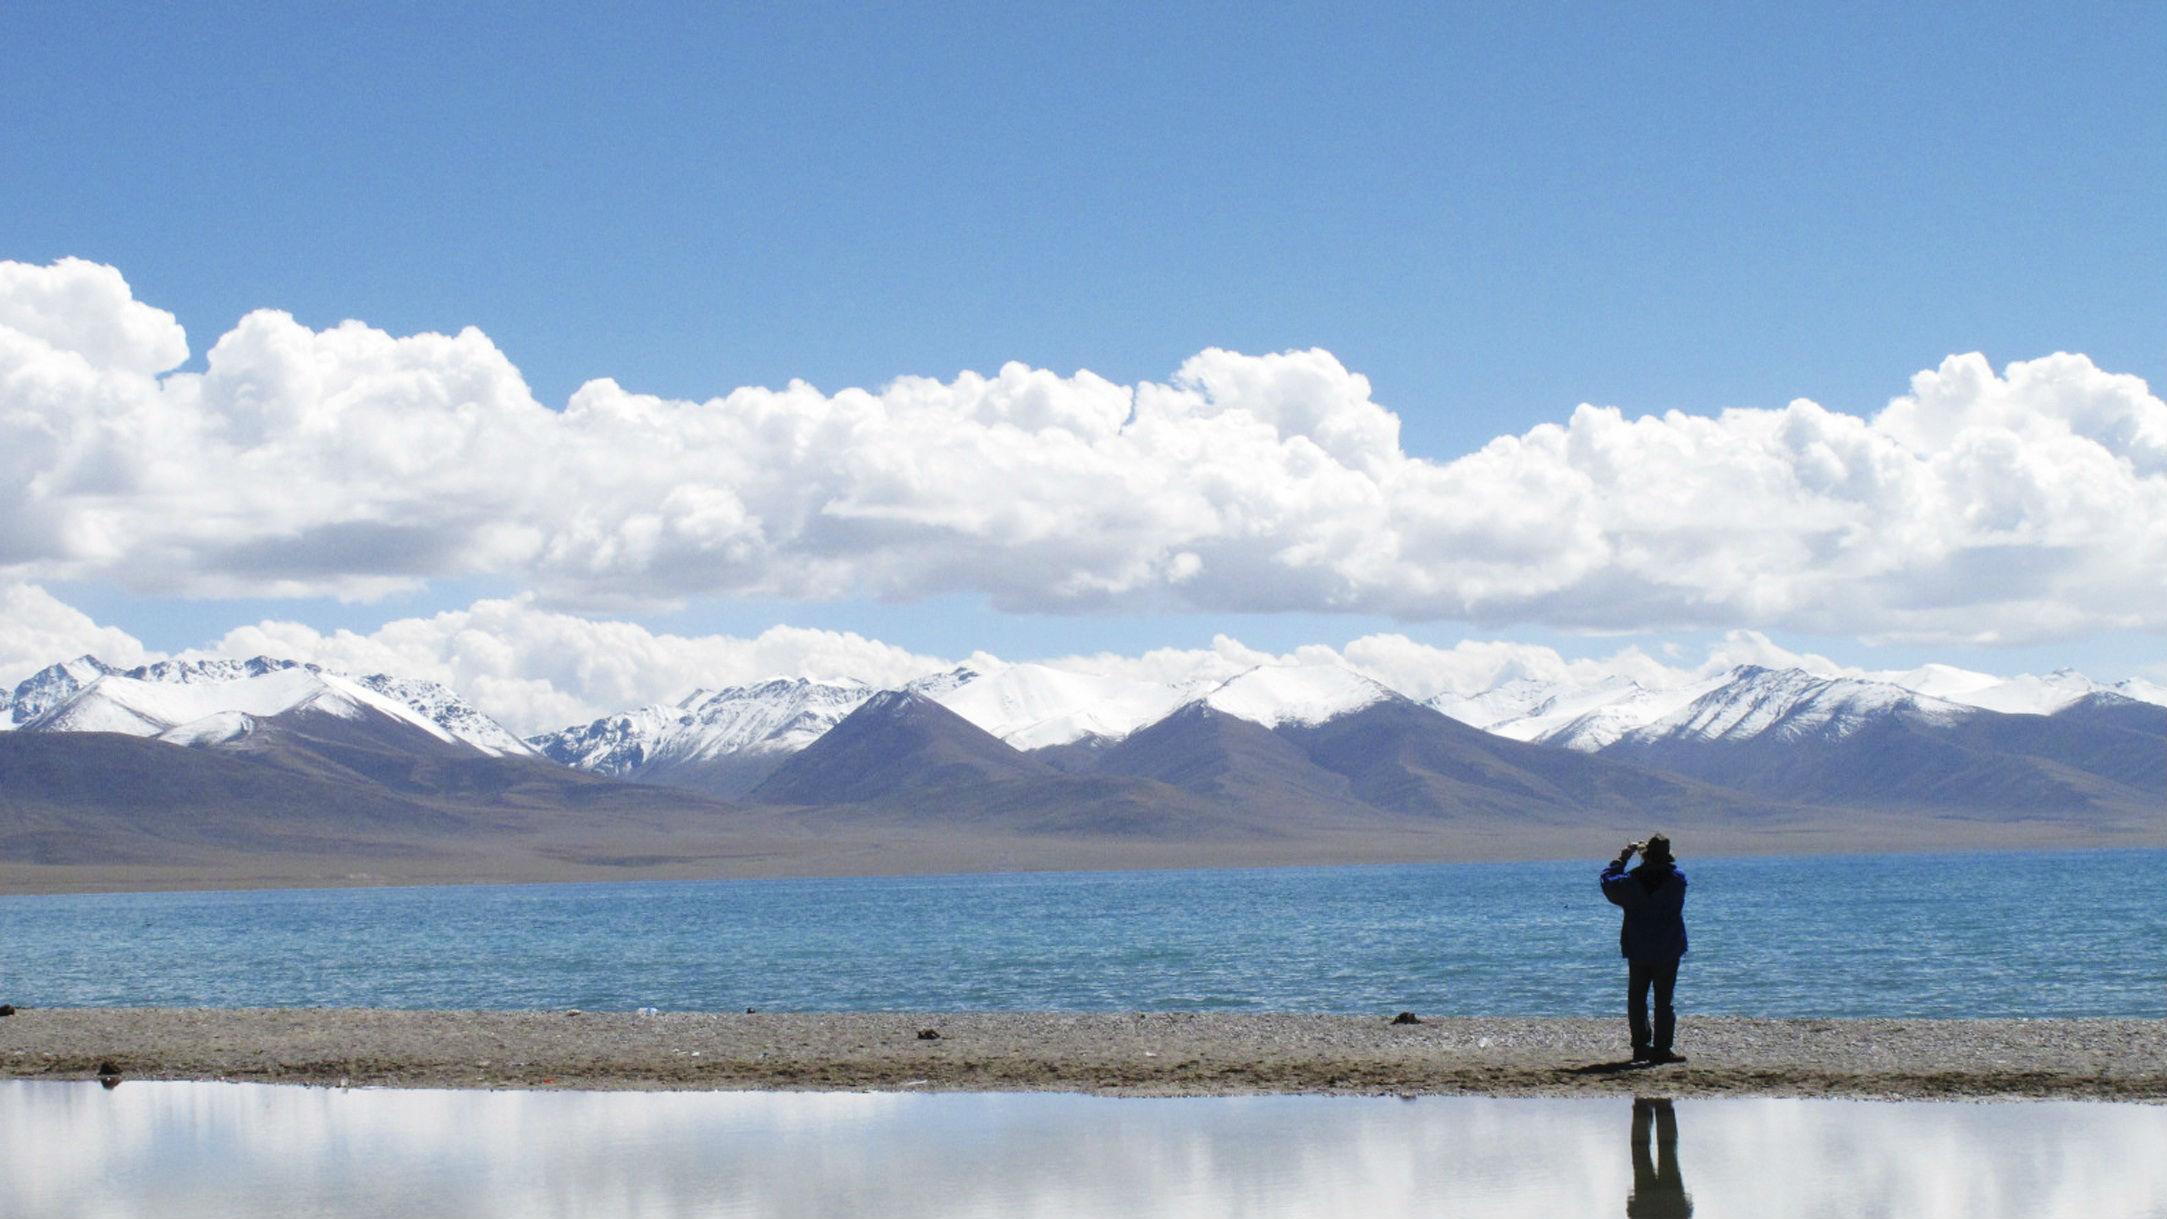 tibetan plateau web